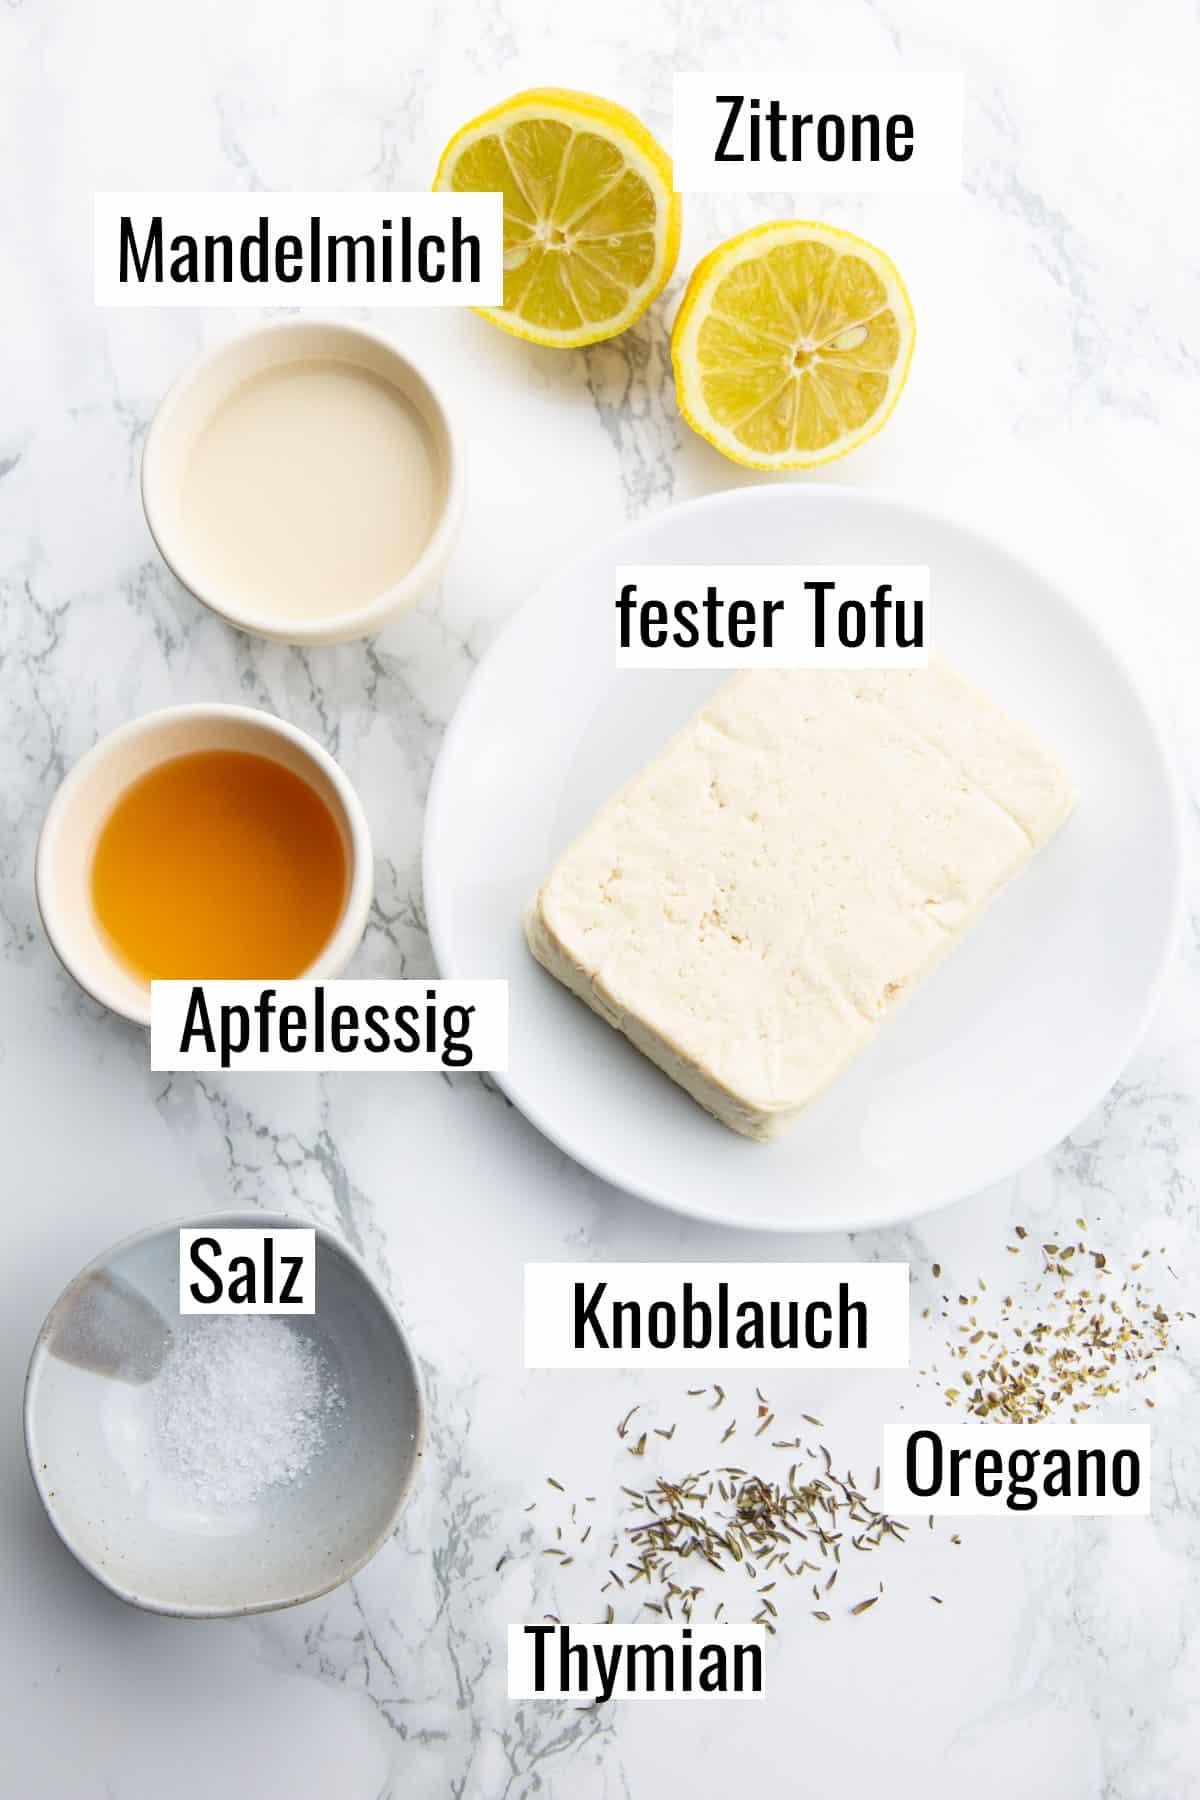 die Zutaten, die man für dieses Rezept benötigt auf einer Marmorplatte mit Beschriftung